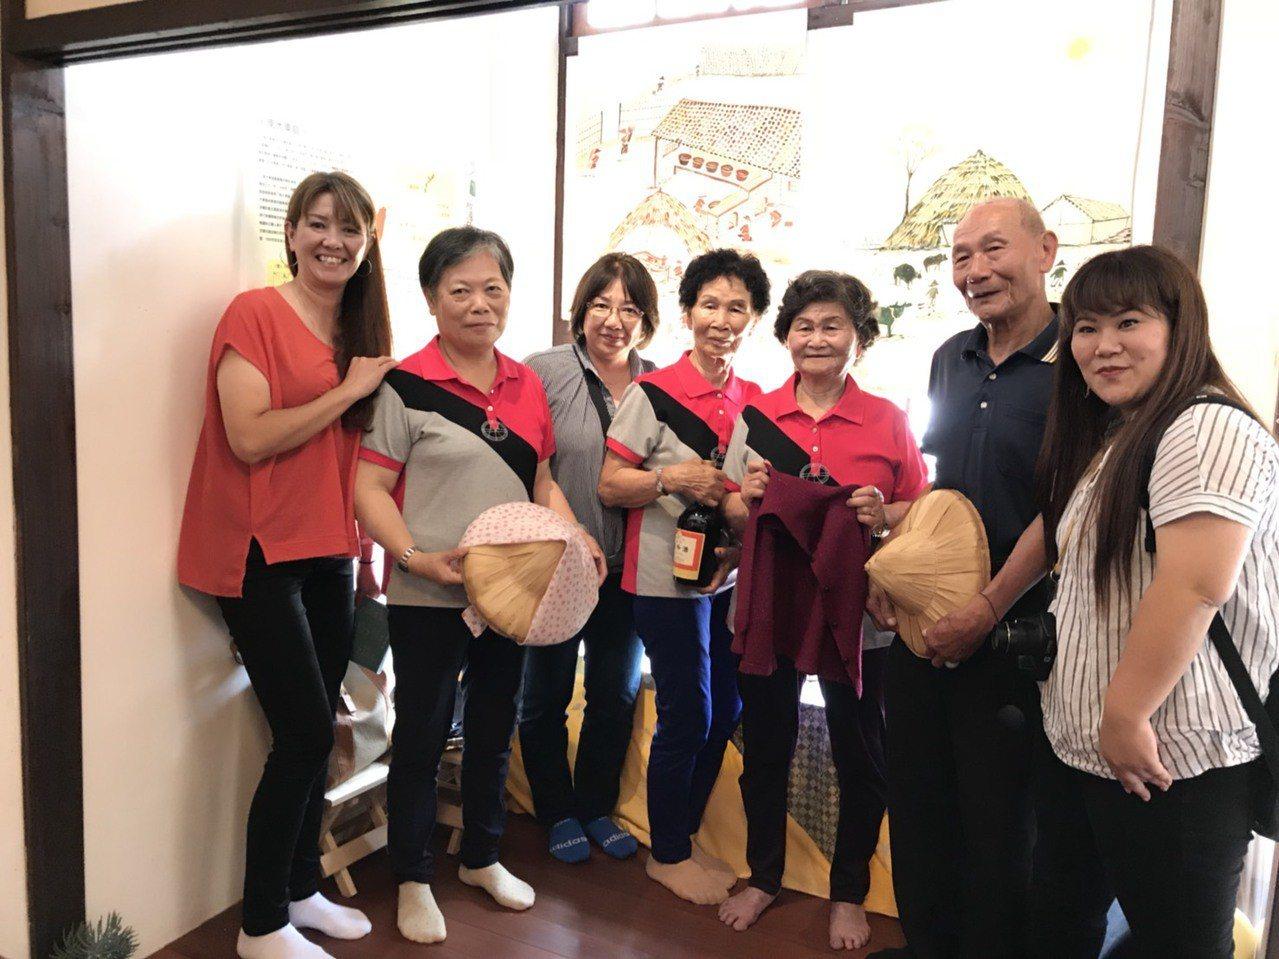 早年到沖繩當季節性移工的村民和家屬現身說故事。記者謝恩得/翻攝